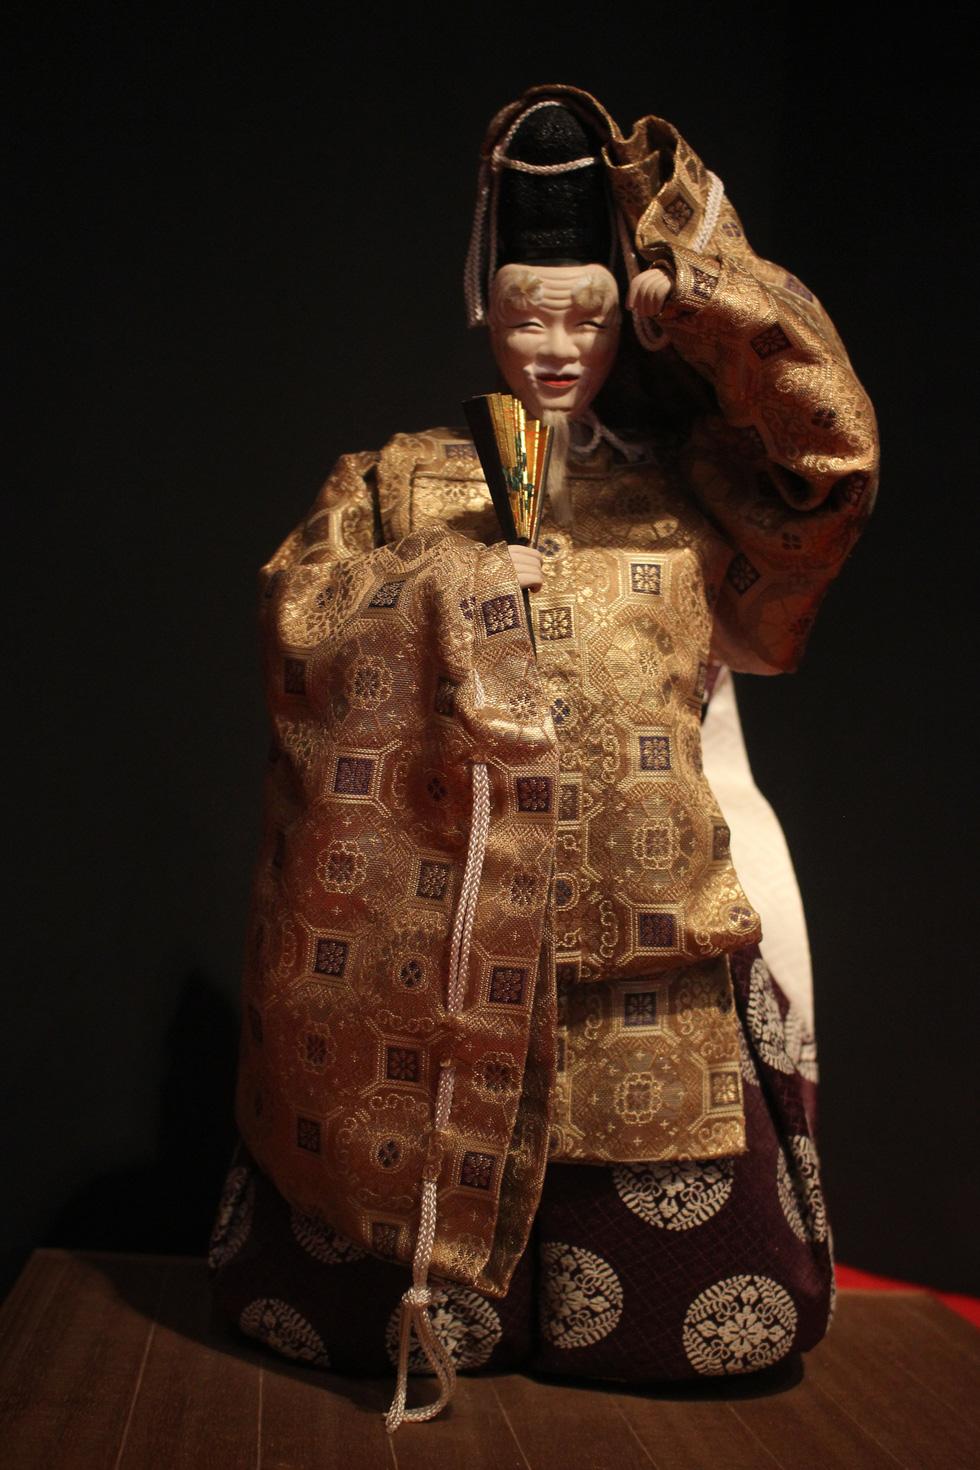 Bí ẩn thế giới búp bê truyền thống Nhật Bản - Ảnh 11.